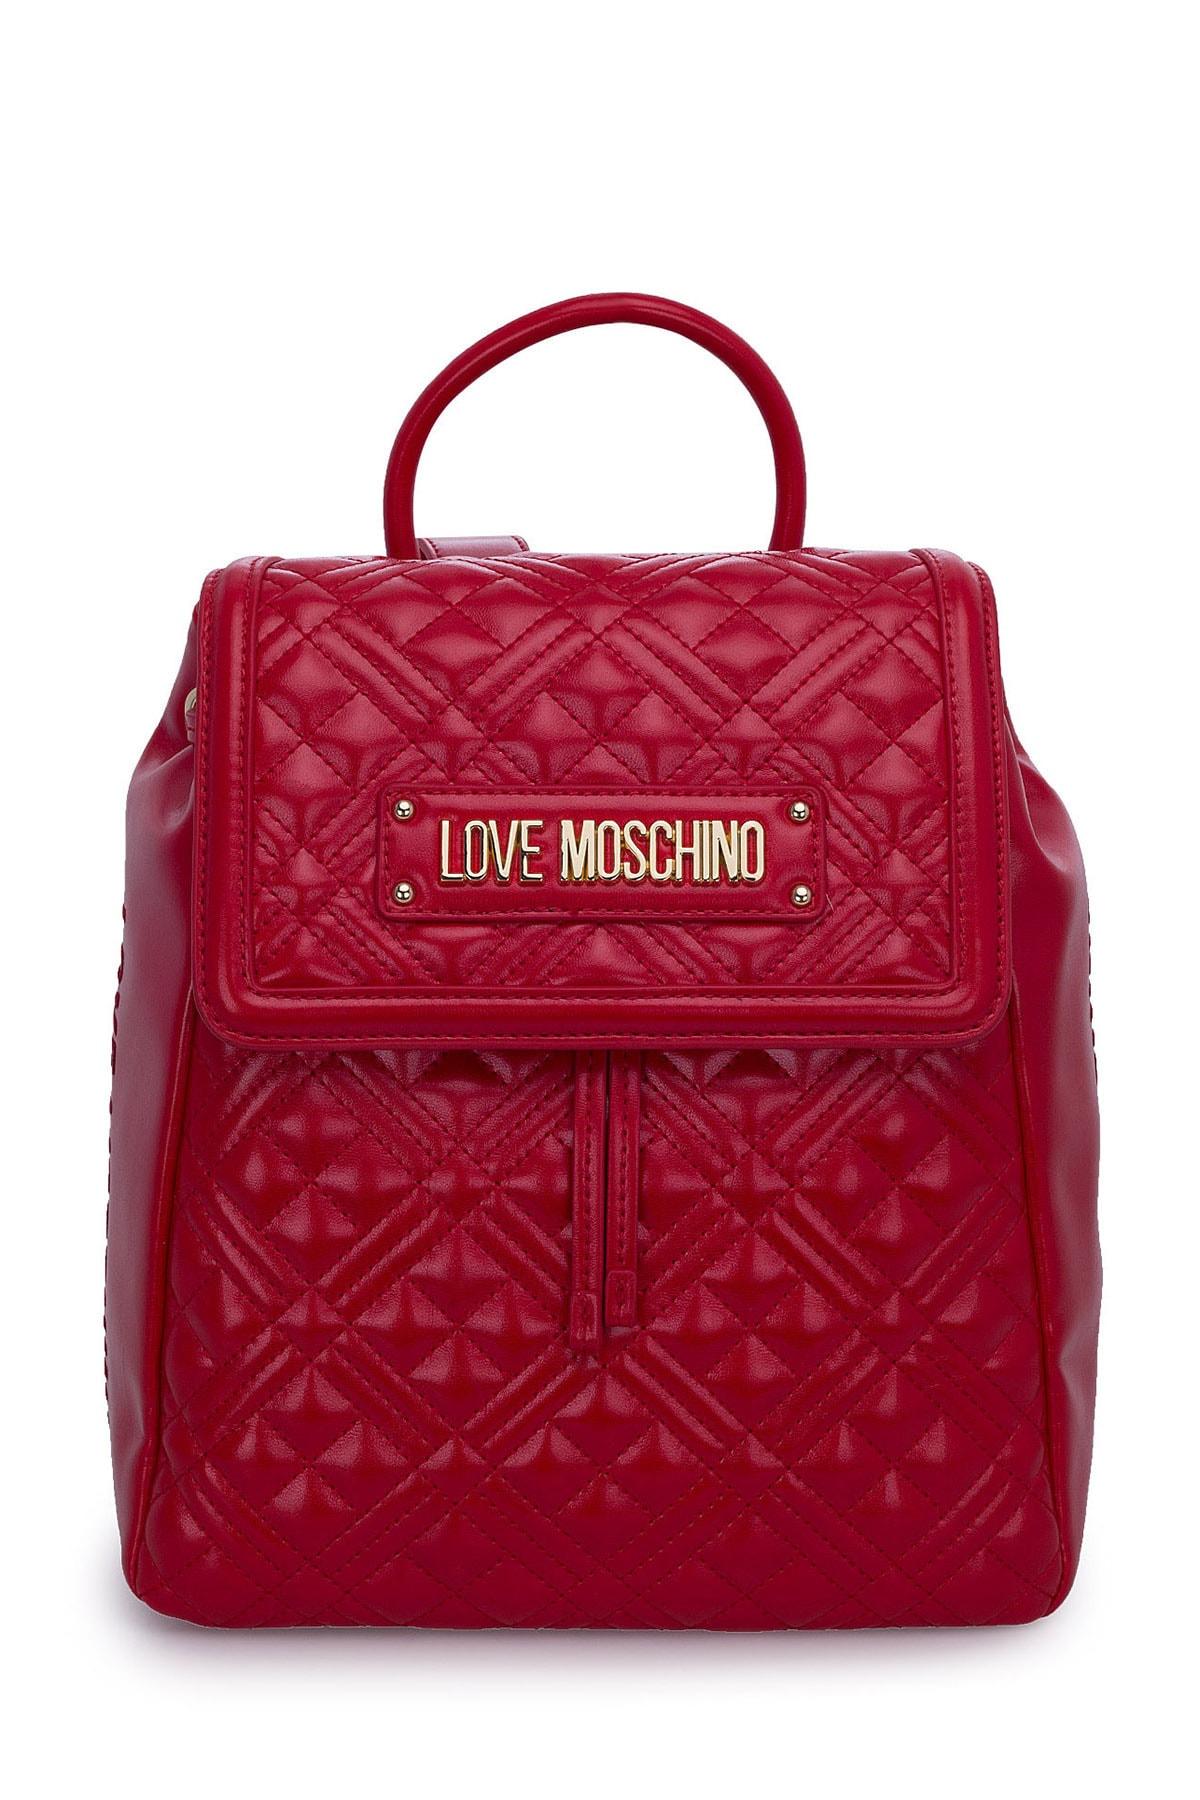 Love Moschino Kadın Kırmızı Logo Baskılı Ayarlanabilir Askılı Çanta Çanta Jc4012pp1bla0500 1